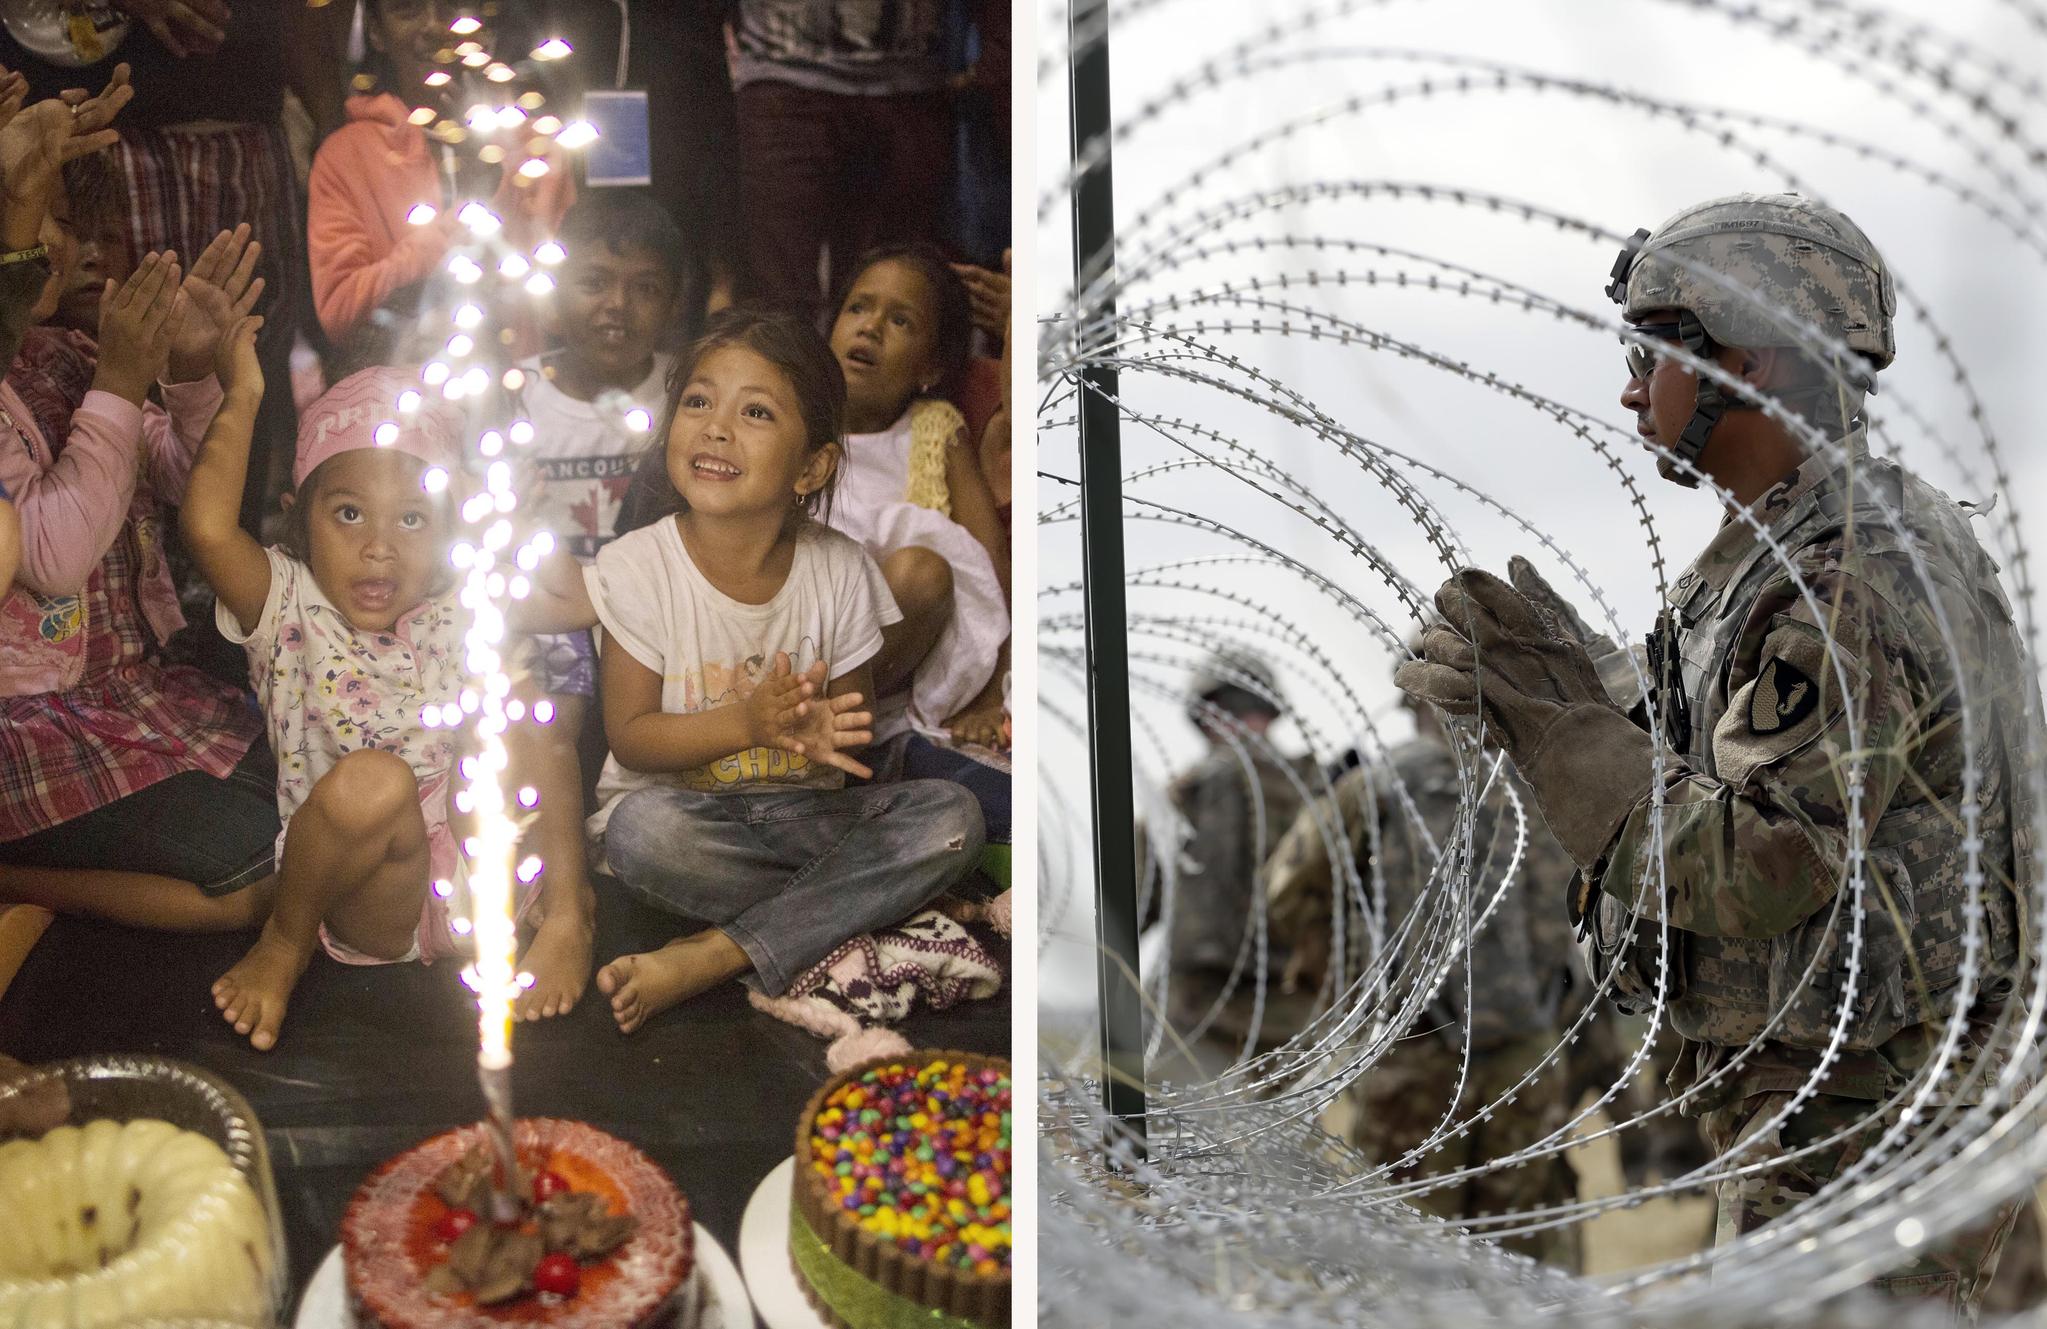 이민자 어린이 빅토리아 파체코의 생일 파티가 4일(현지시간) 멕시코 베라크루즈 주 코르도바 임시 보호소에서 열렸다(왼쪽 사진). 같은날 미군이 미국-멕시코 국경 인근인 텍사스 도나에서 국방부와 세관 국경 보호국을 위한 캠프 주변에 가시 철조망을 설치하고 있다. [AP=연합뉴스]